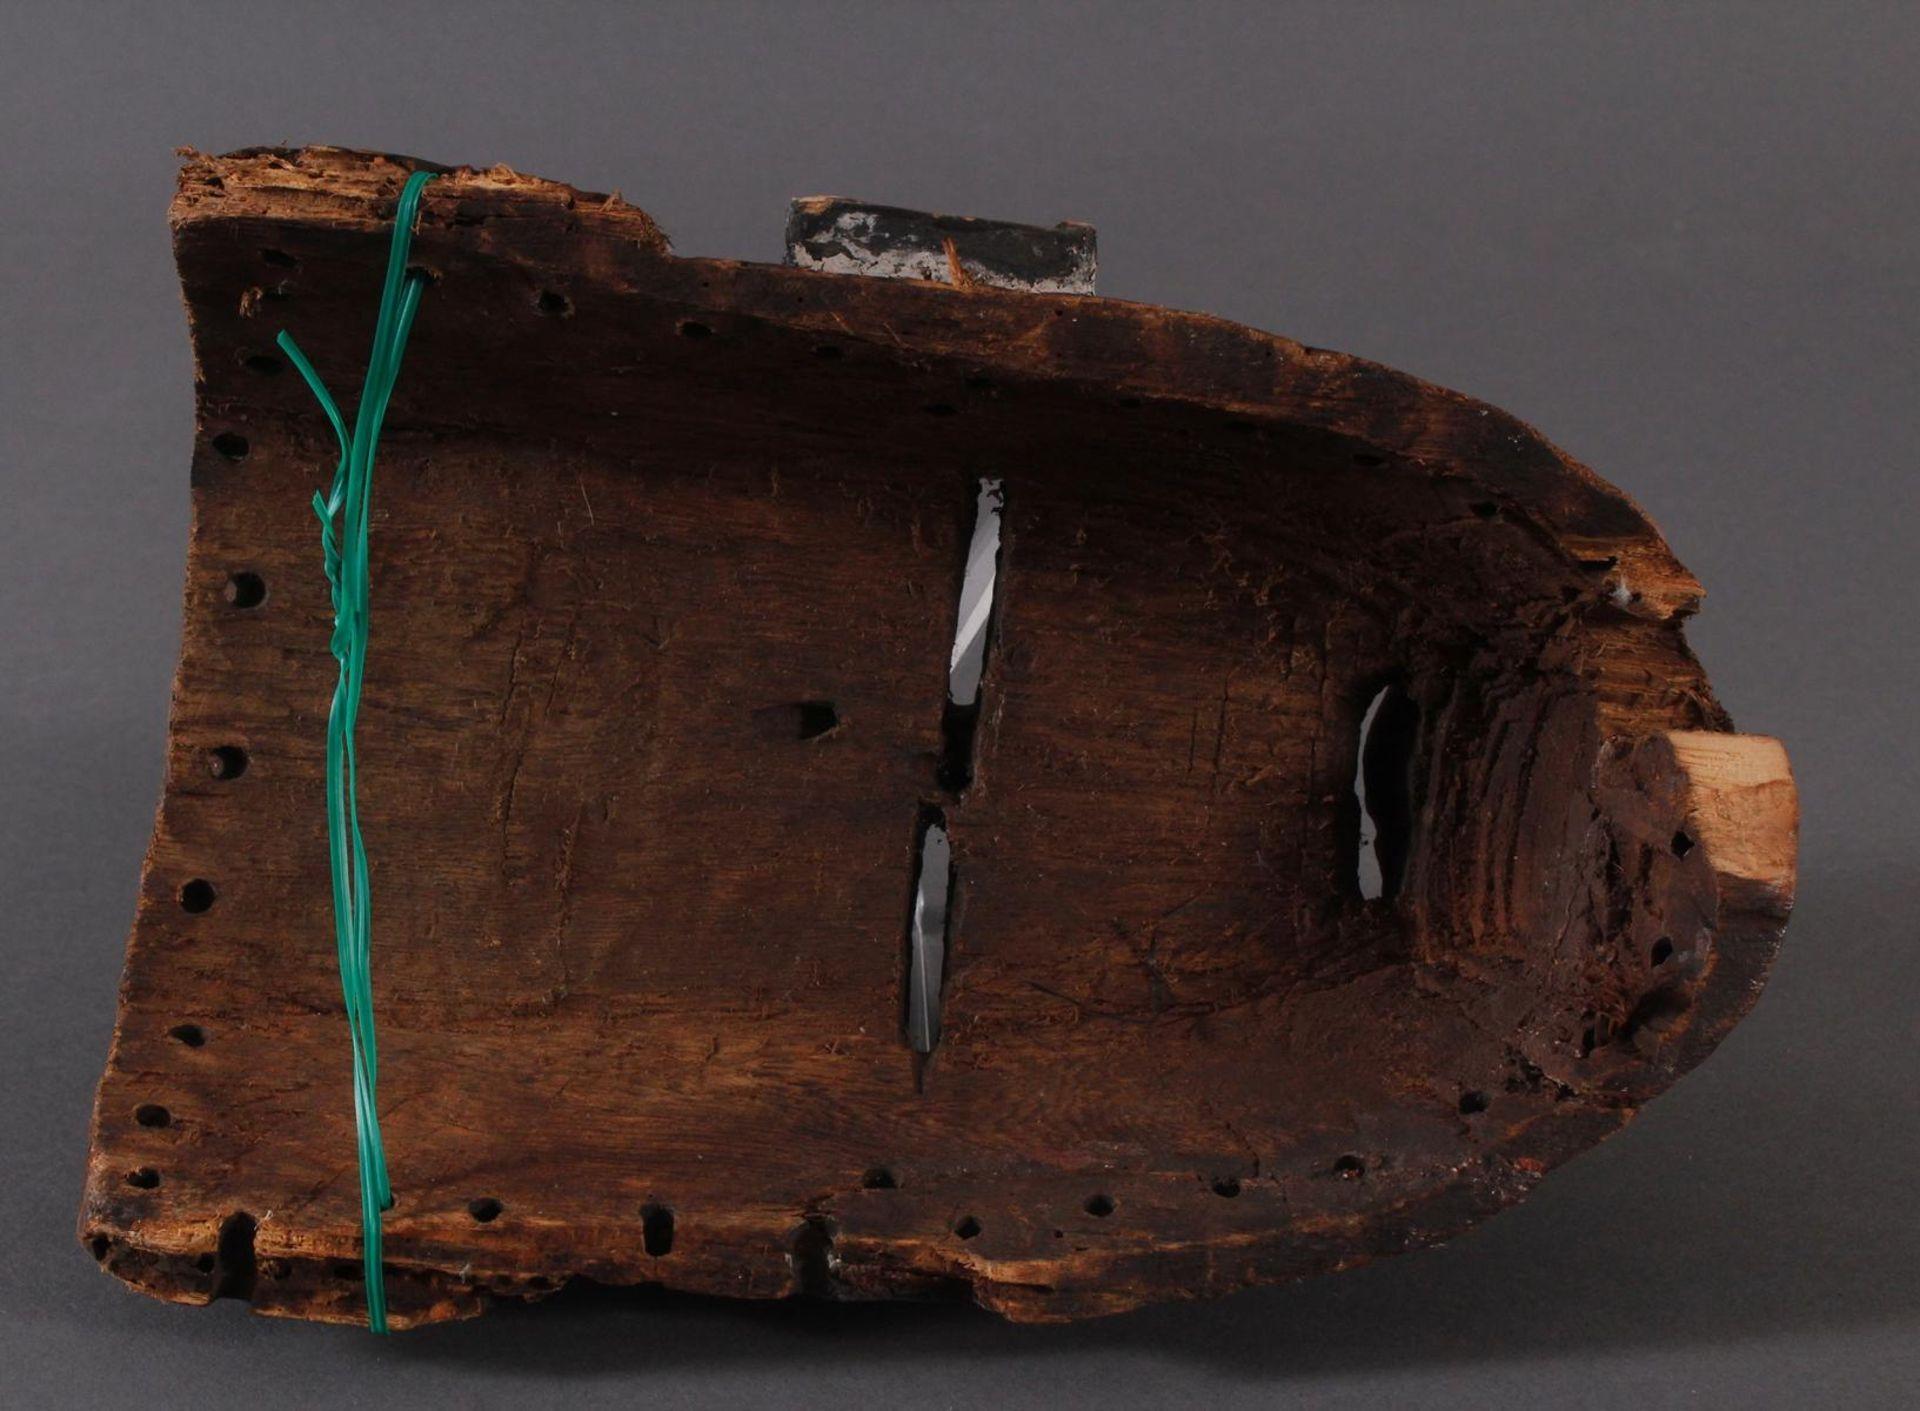 Antike Maske, Angola, Luena 20. Jh.Holz geschnitzt, dunkle Patina, Narbentatauierung, Ohren - Bild 6 aus 6